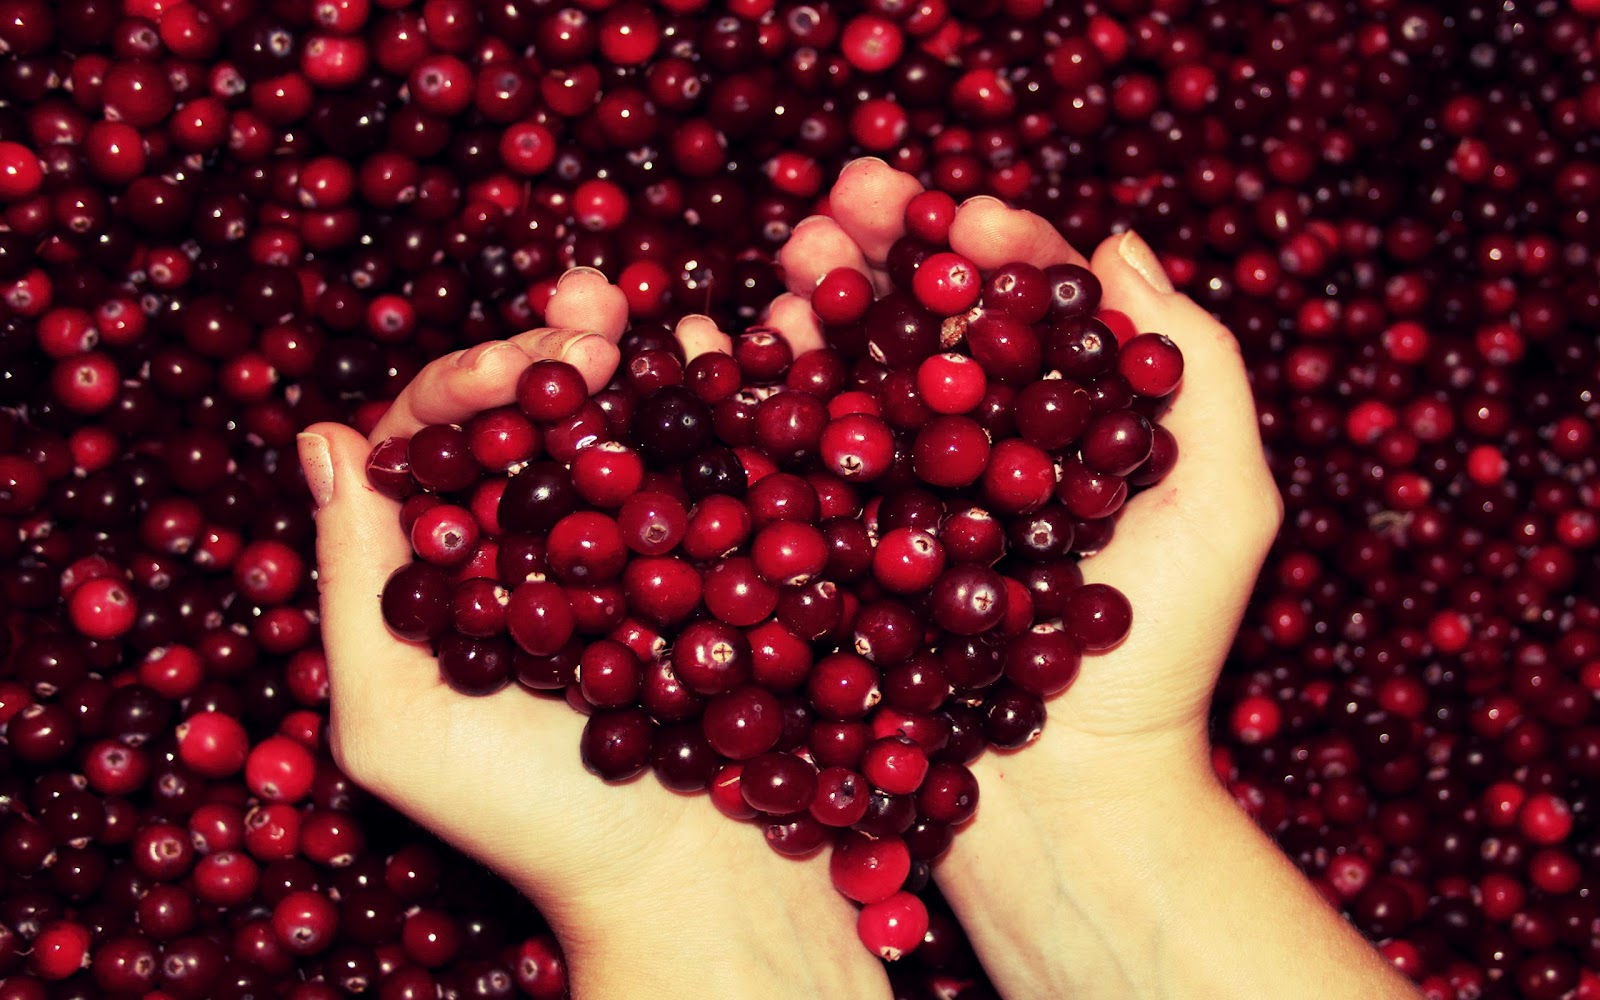 http://2.bp.blogspot.com/-ZCdRRT_w8i4/T-H_XXSAjRI/AAAAAAAAAeQ/jSz788lV4Ss/s1600/Cranberries%20Heart%20Love%20Wallpaper.jpg